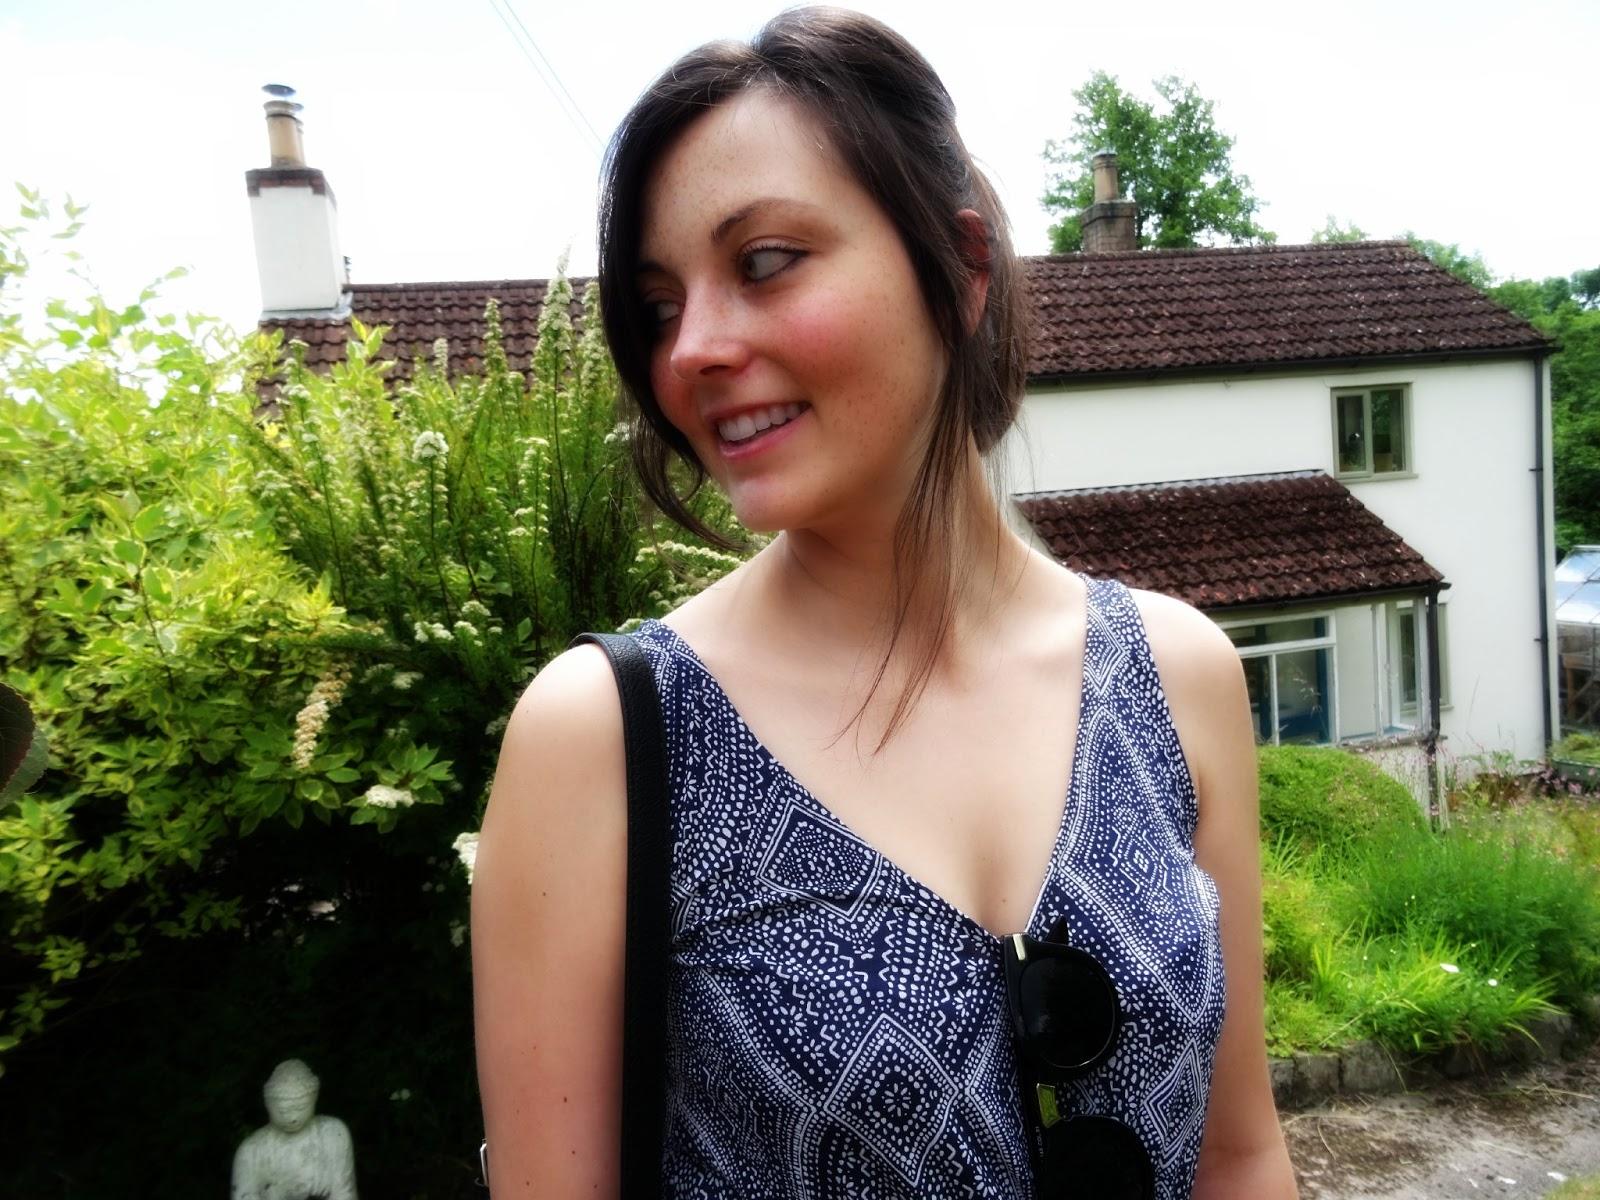 festivwal wear for Glastonbury